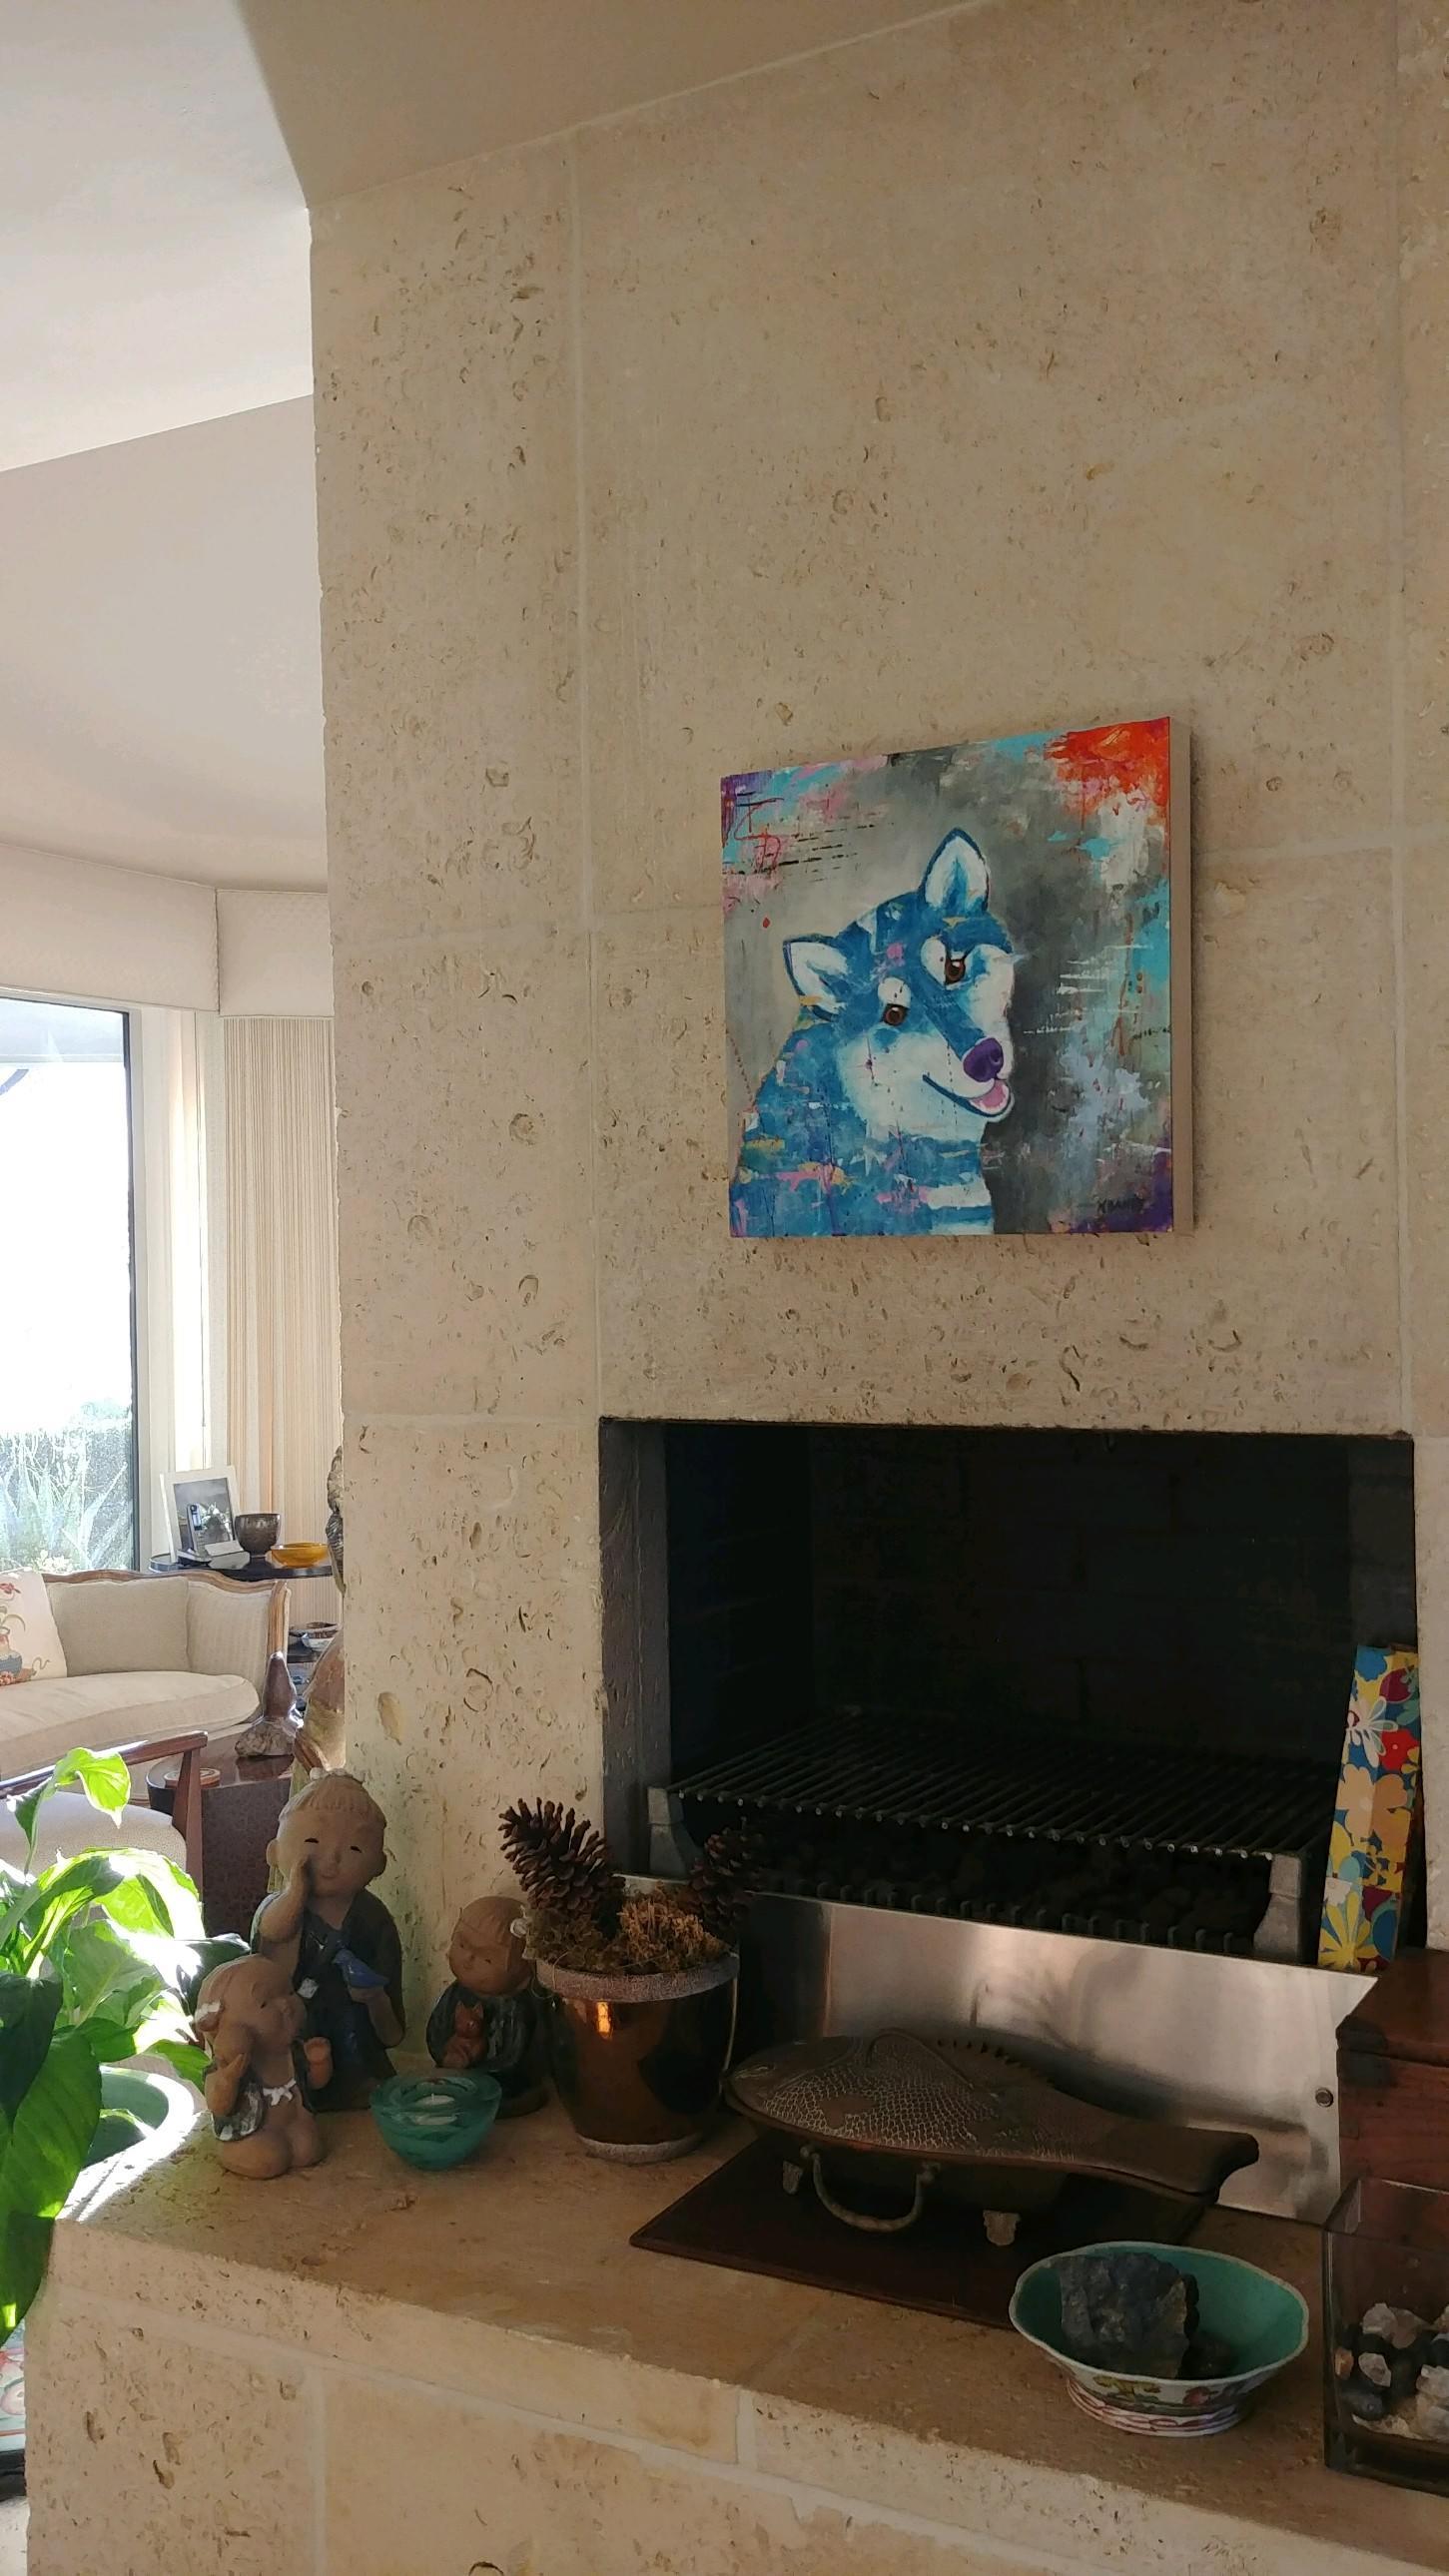 karen-bandy-pet-portrait-painting-commission-bend-oregon.jpg